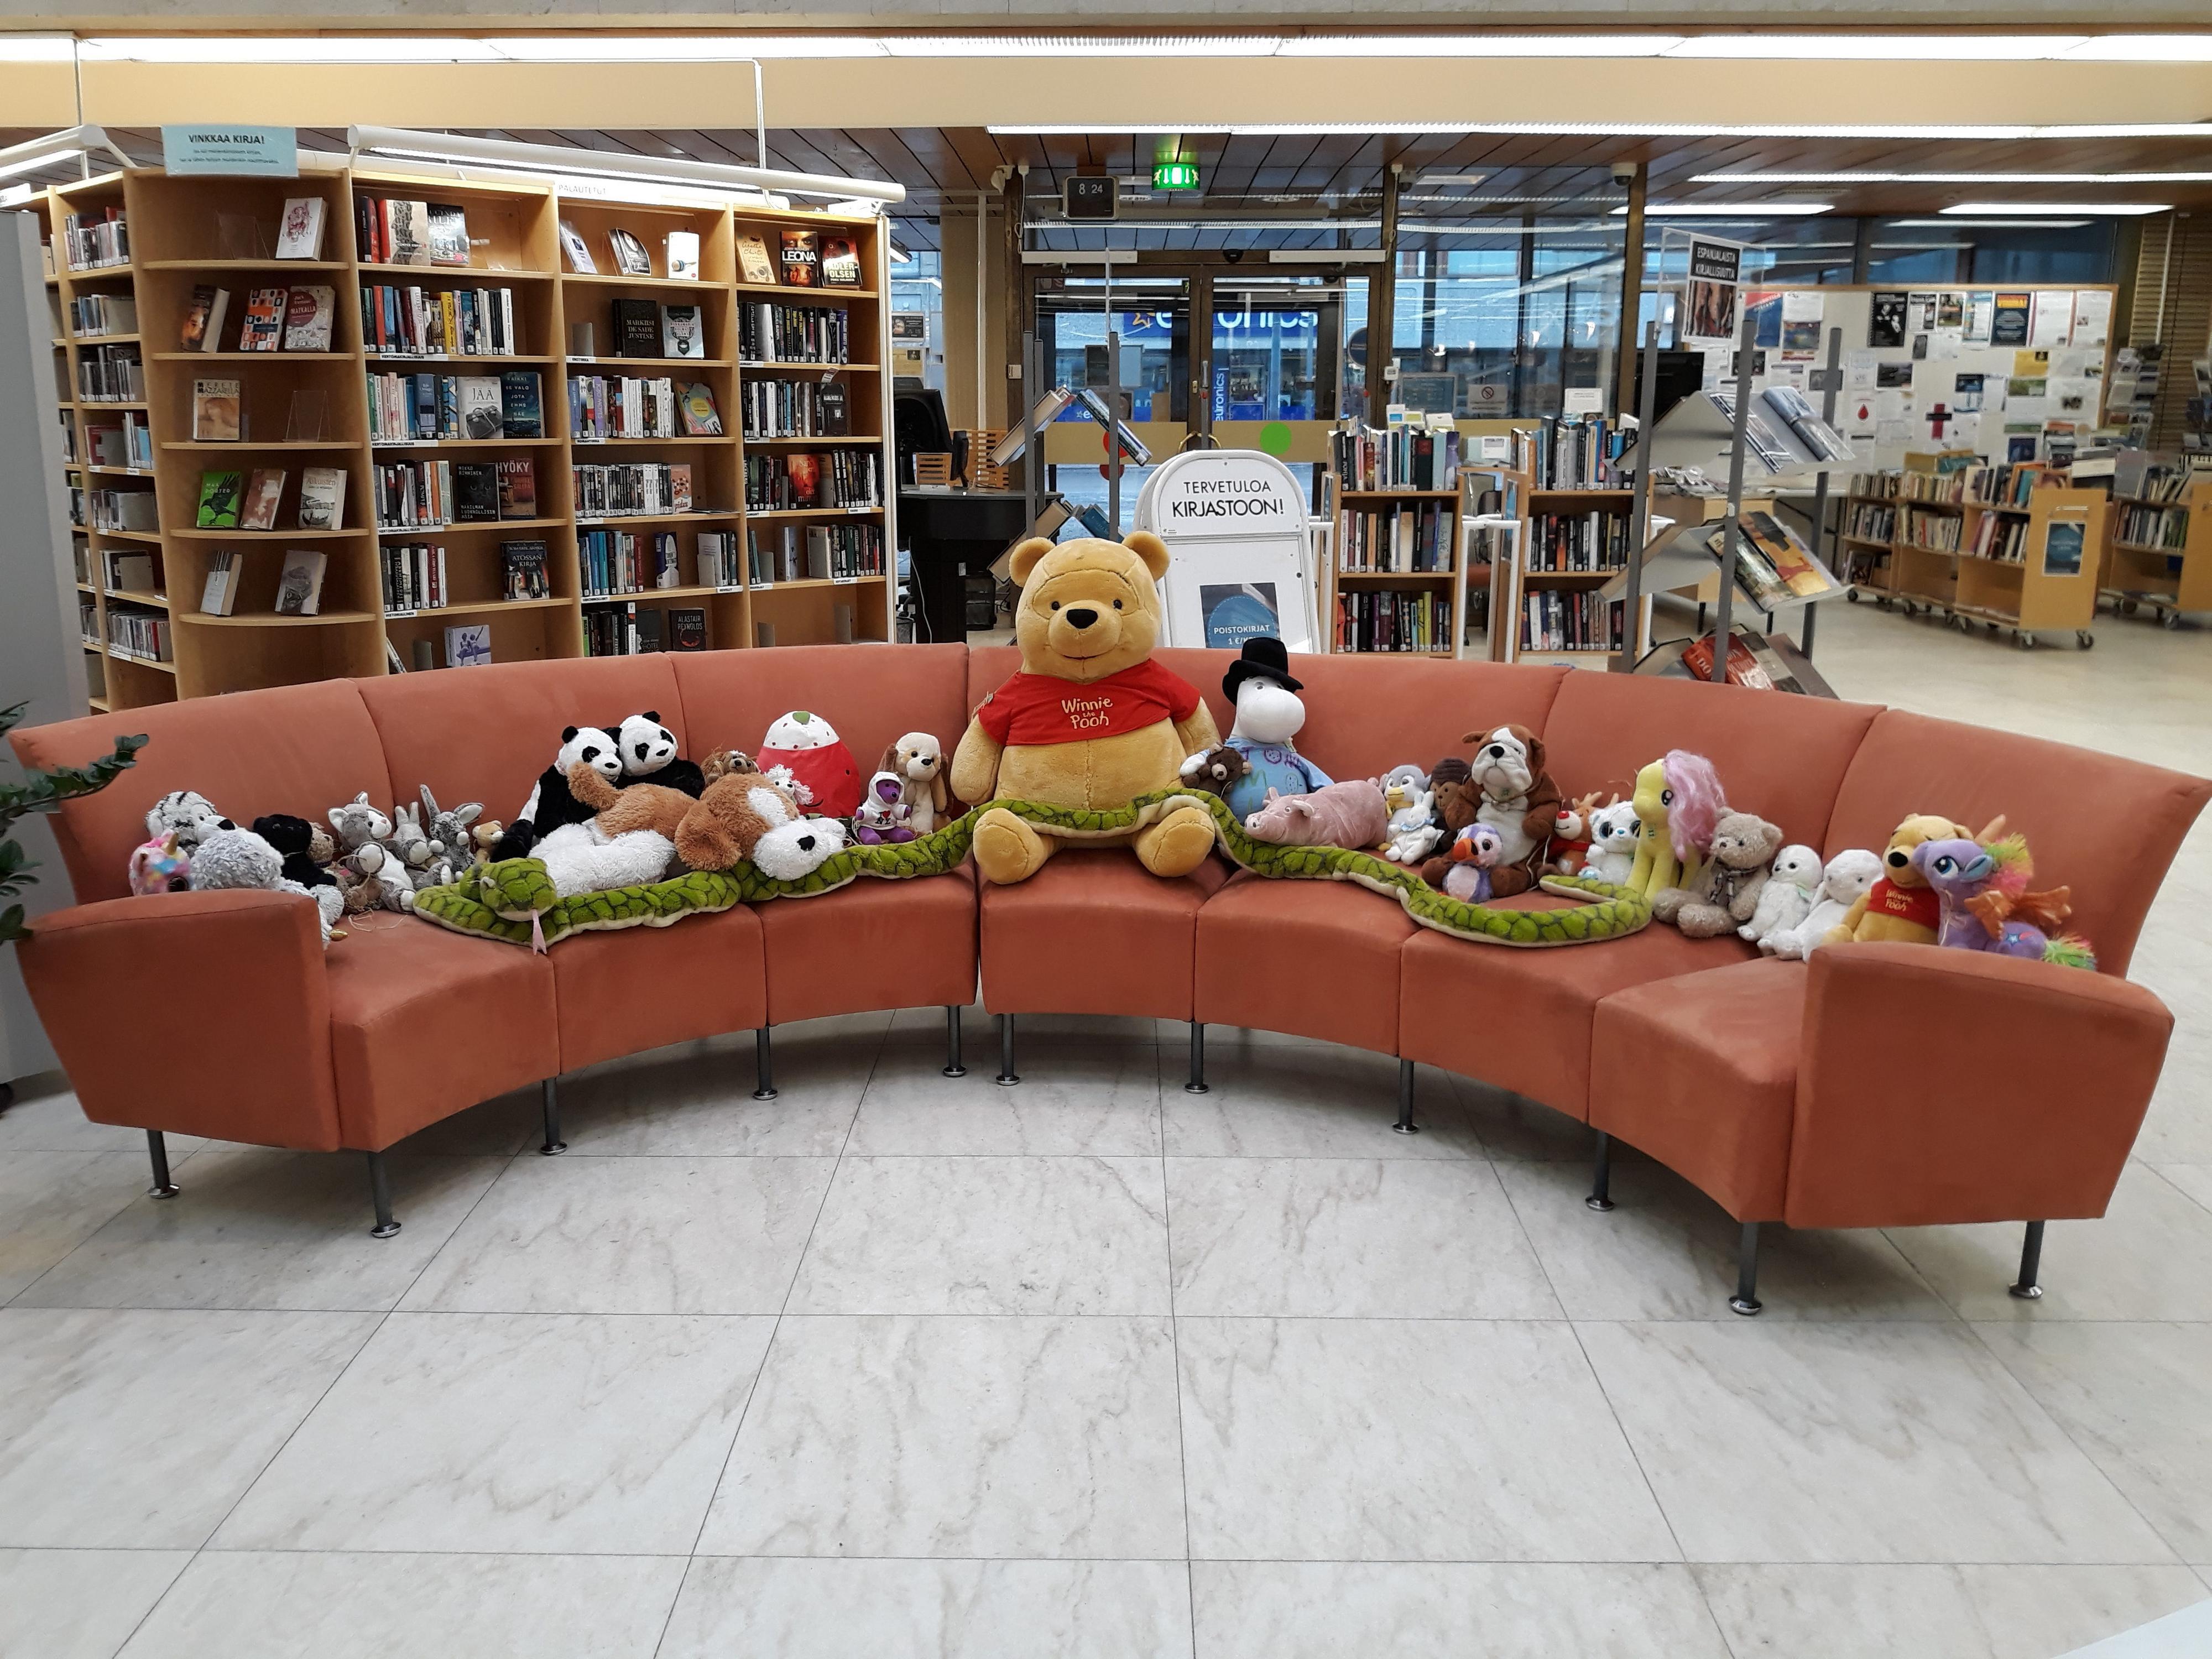 Paljon pehmoleluja ryhmiteltynä istumaan kirjaston kaarisohvalle.